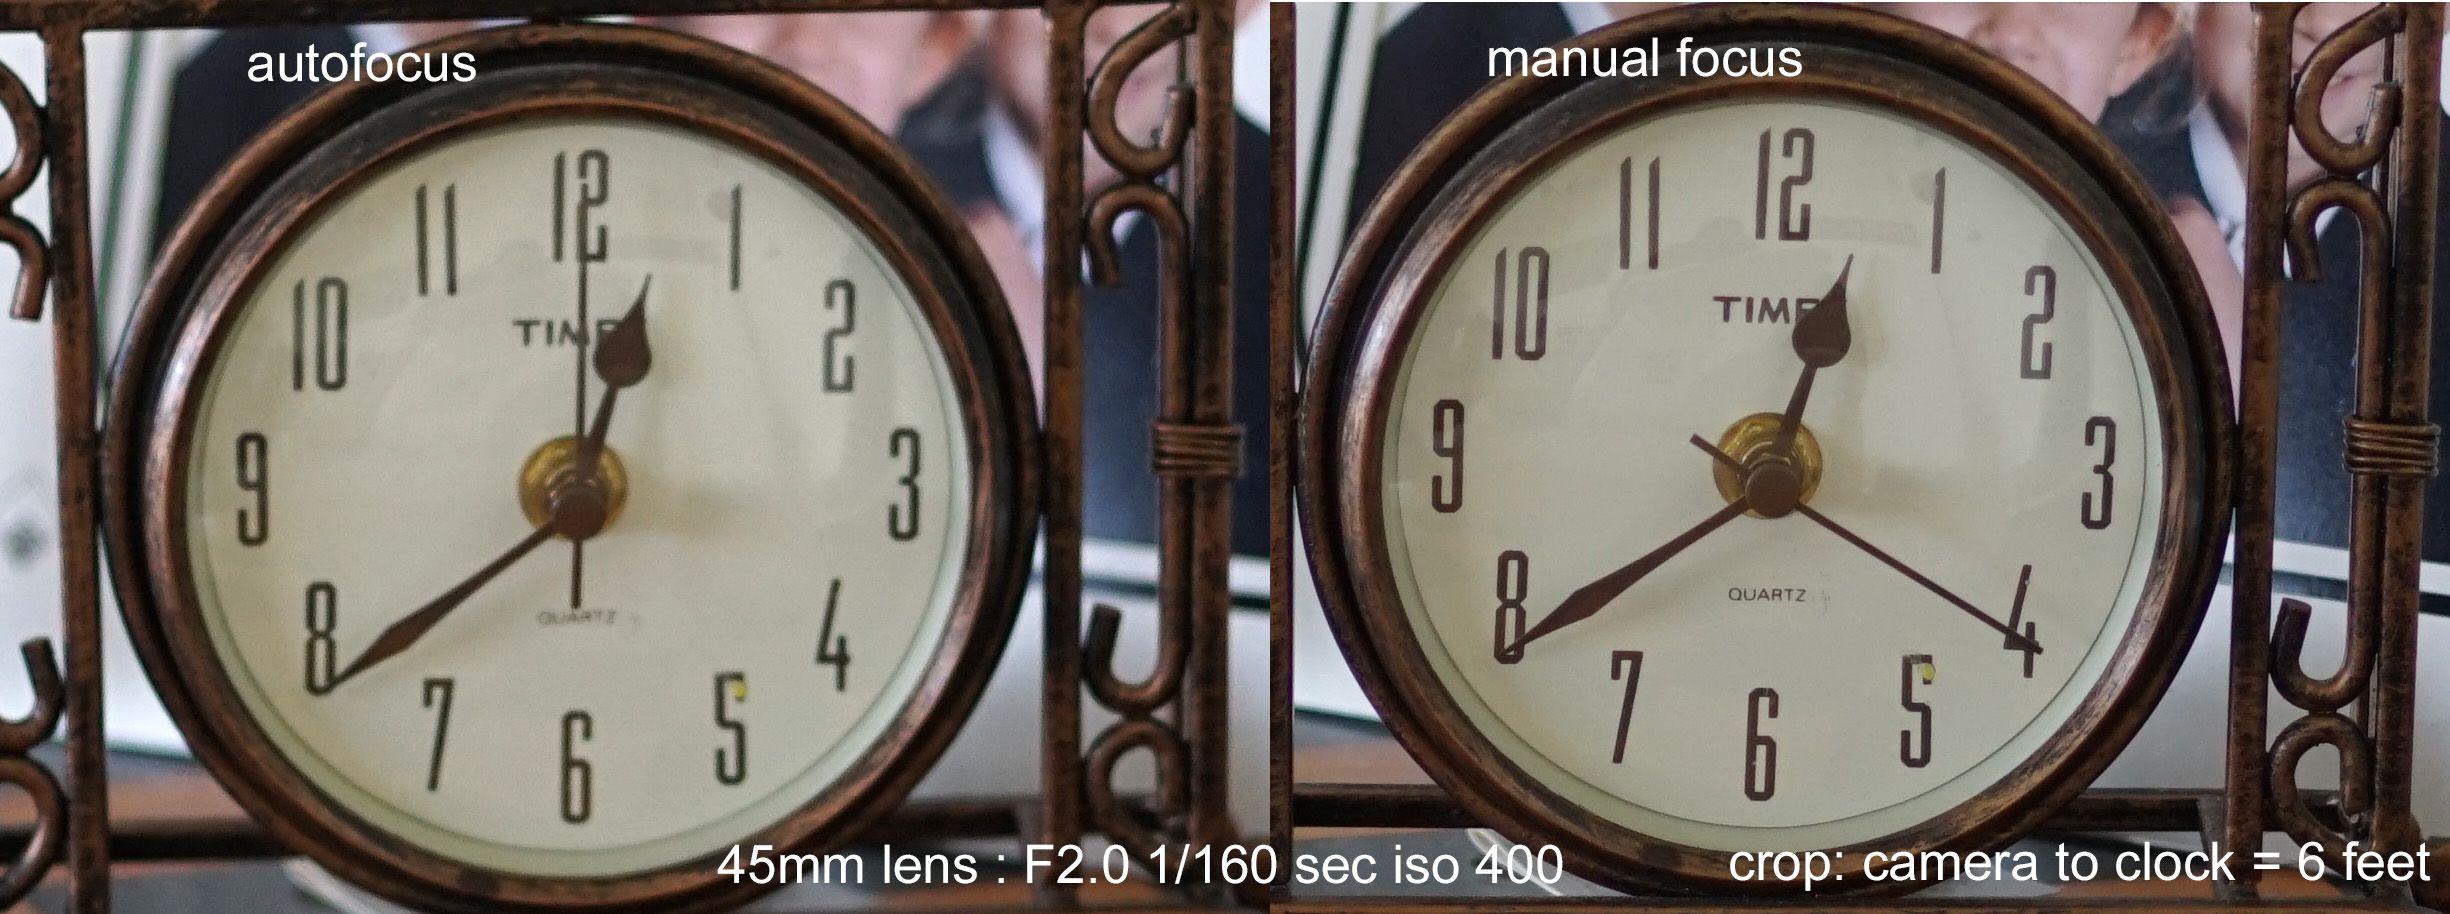 image result for autofocus vs manual focus auto vs manual focus rh pinterest ca manual focus vs autofocus dslr manual focus or autofocus